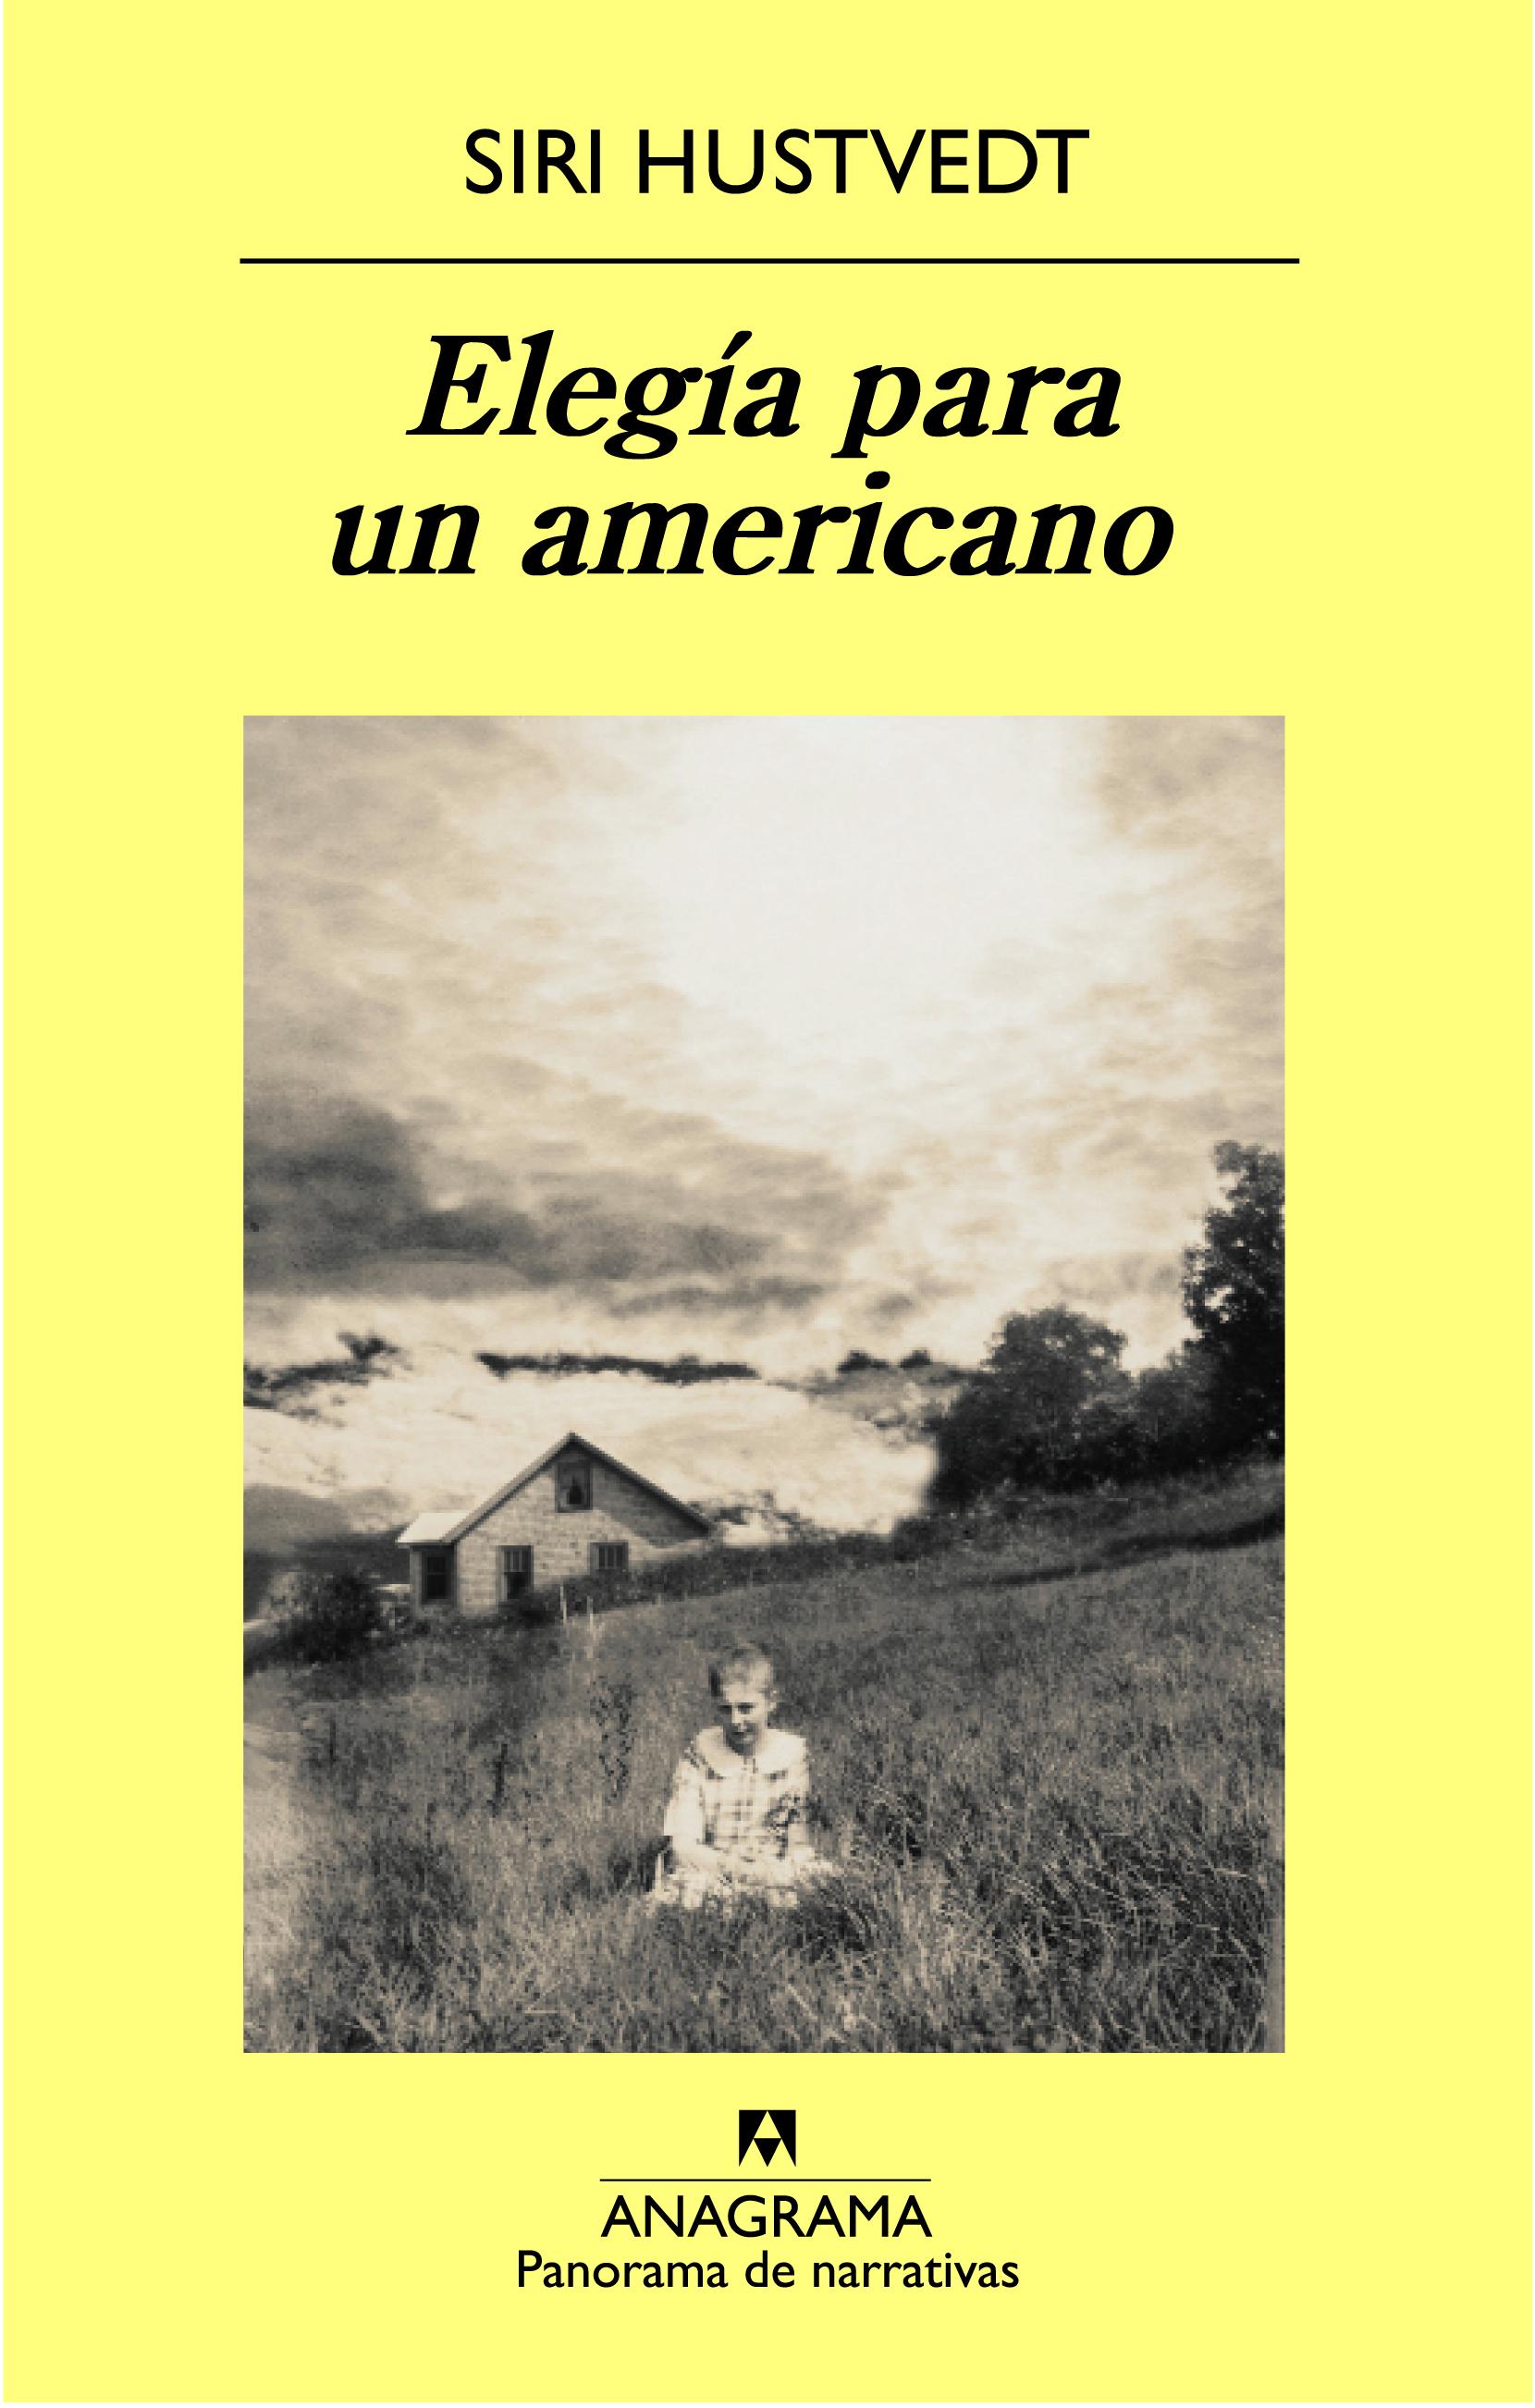 Elegía para un americano - Hustvedt, Siri - 978-84-339-7498-3 - Editorial  Anagrama